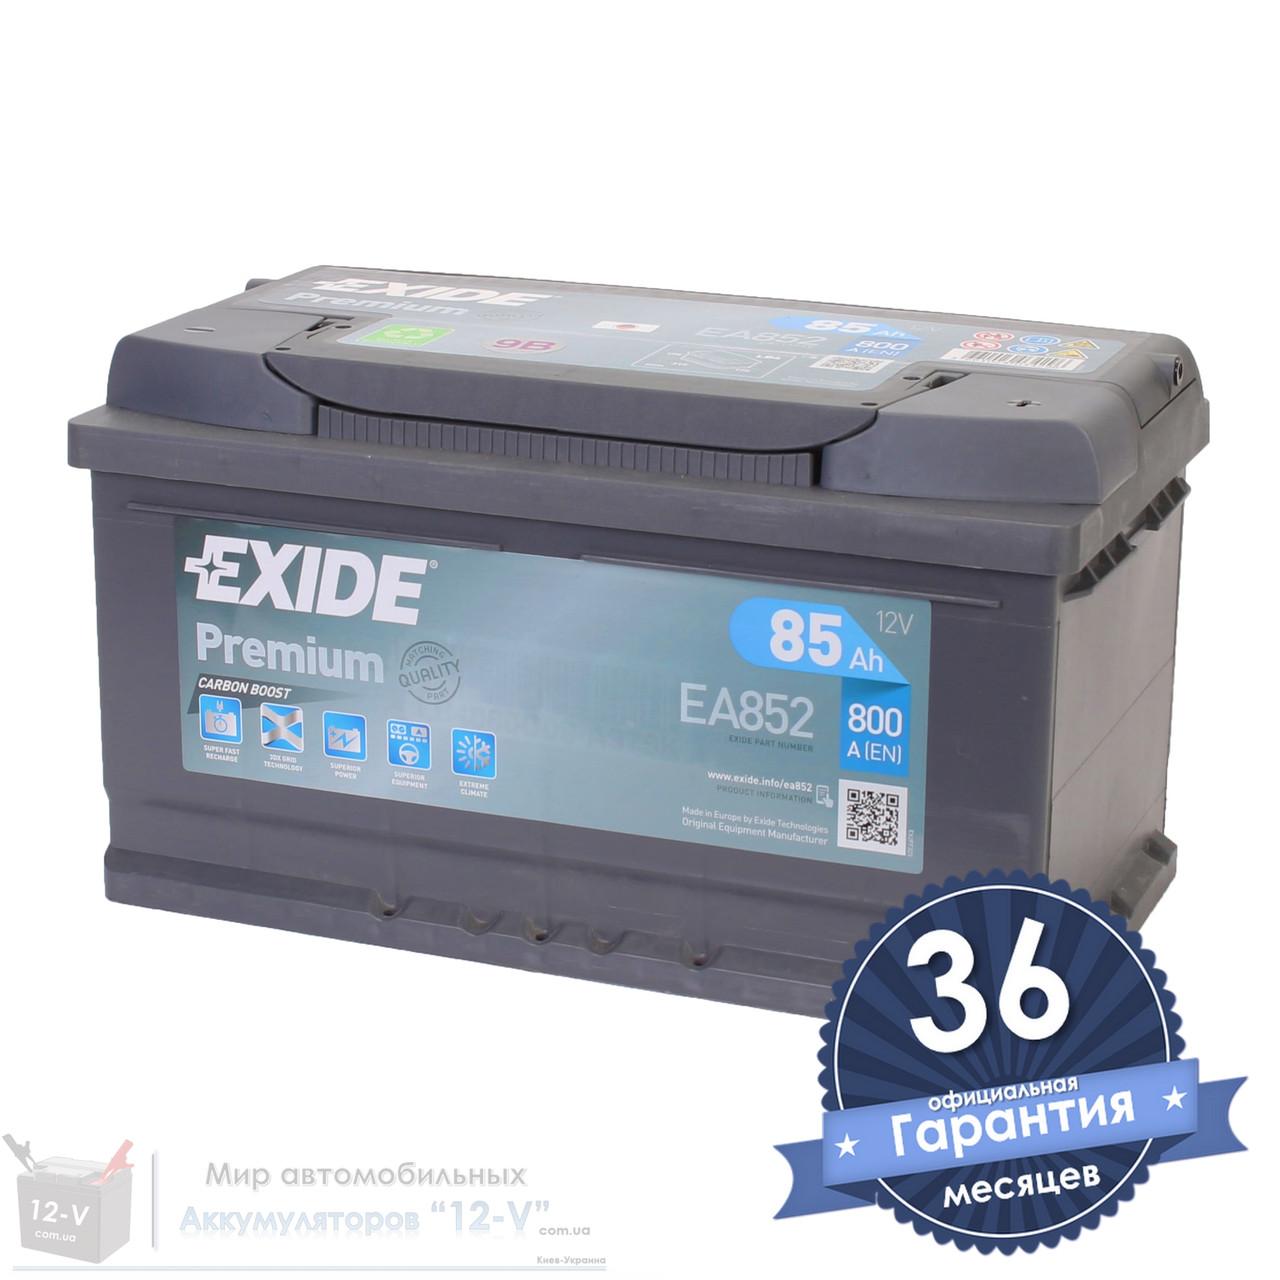 Аккумулятор автомобильный EXIDE Premium 6CT 85Ah, пусковой ток 800А [–|+] (EA852)